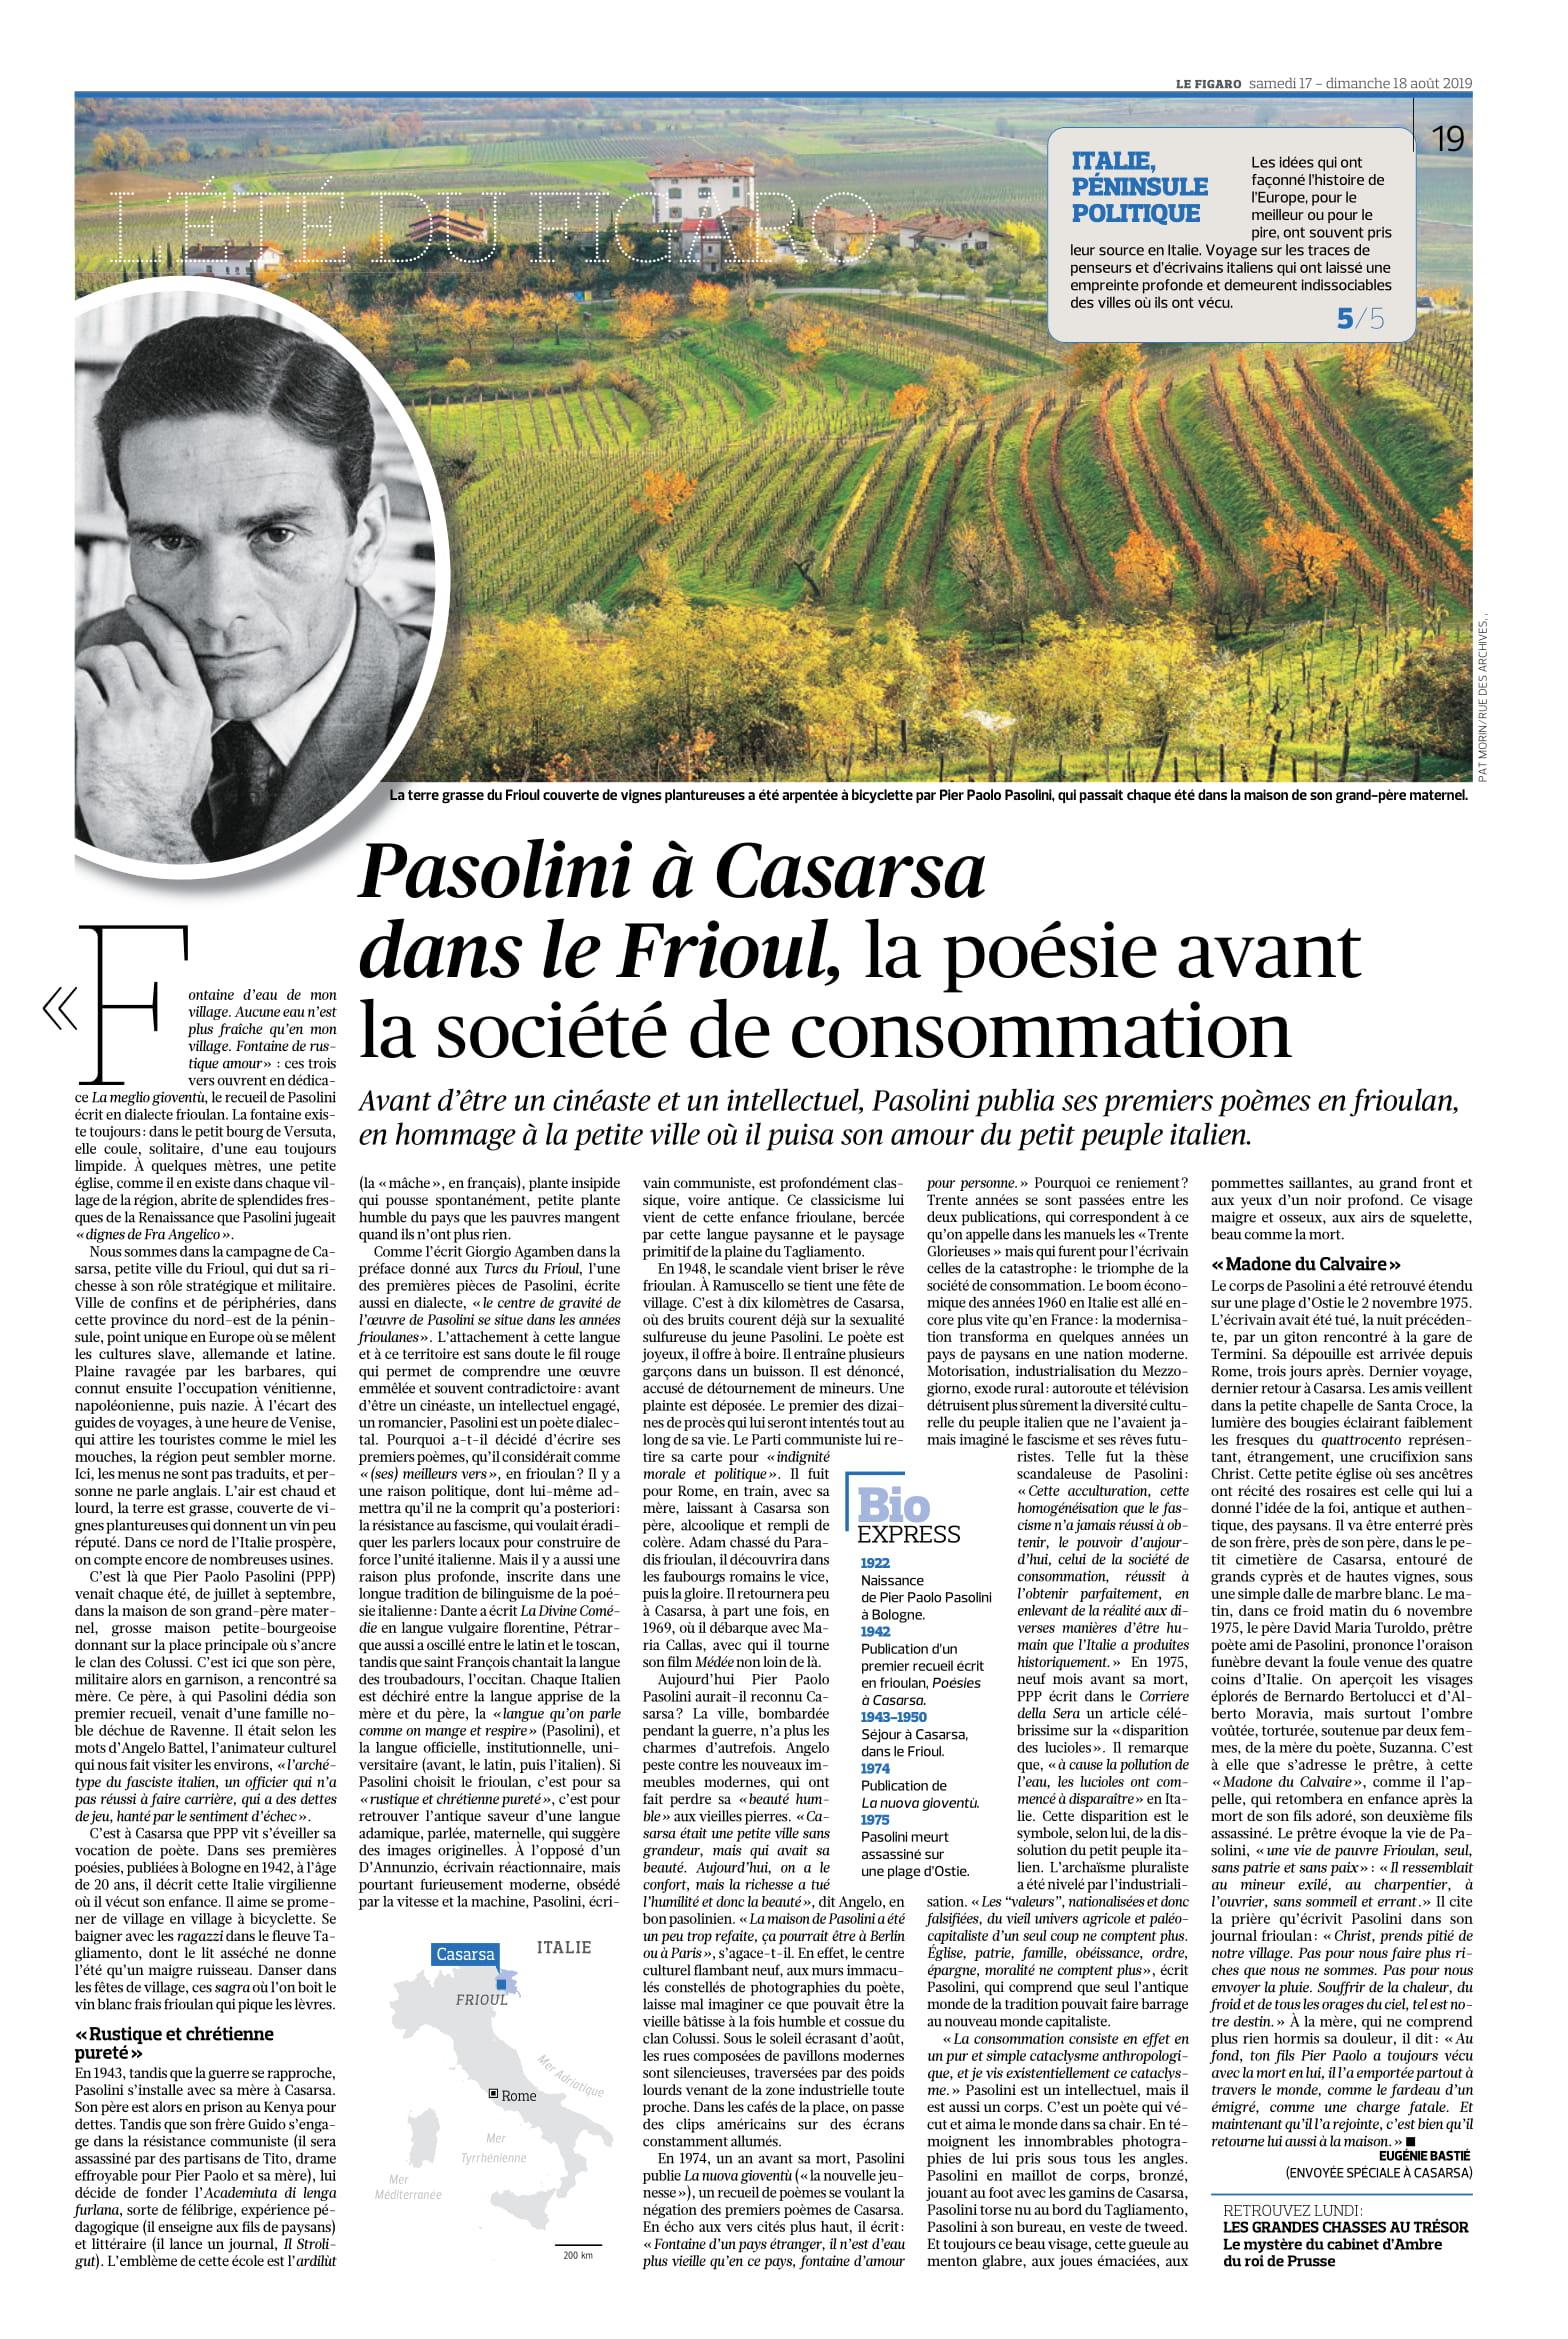 Le Figarò - Pasolini a Casarsa dans le Frioul...17-08-2019-1